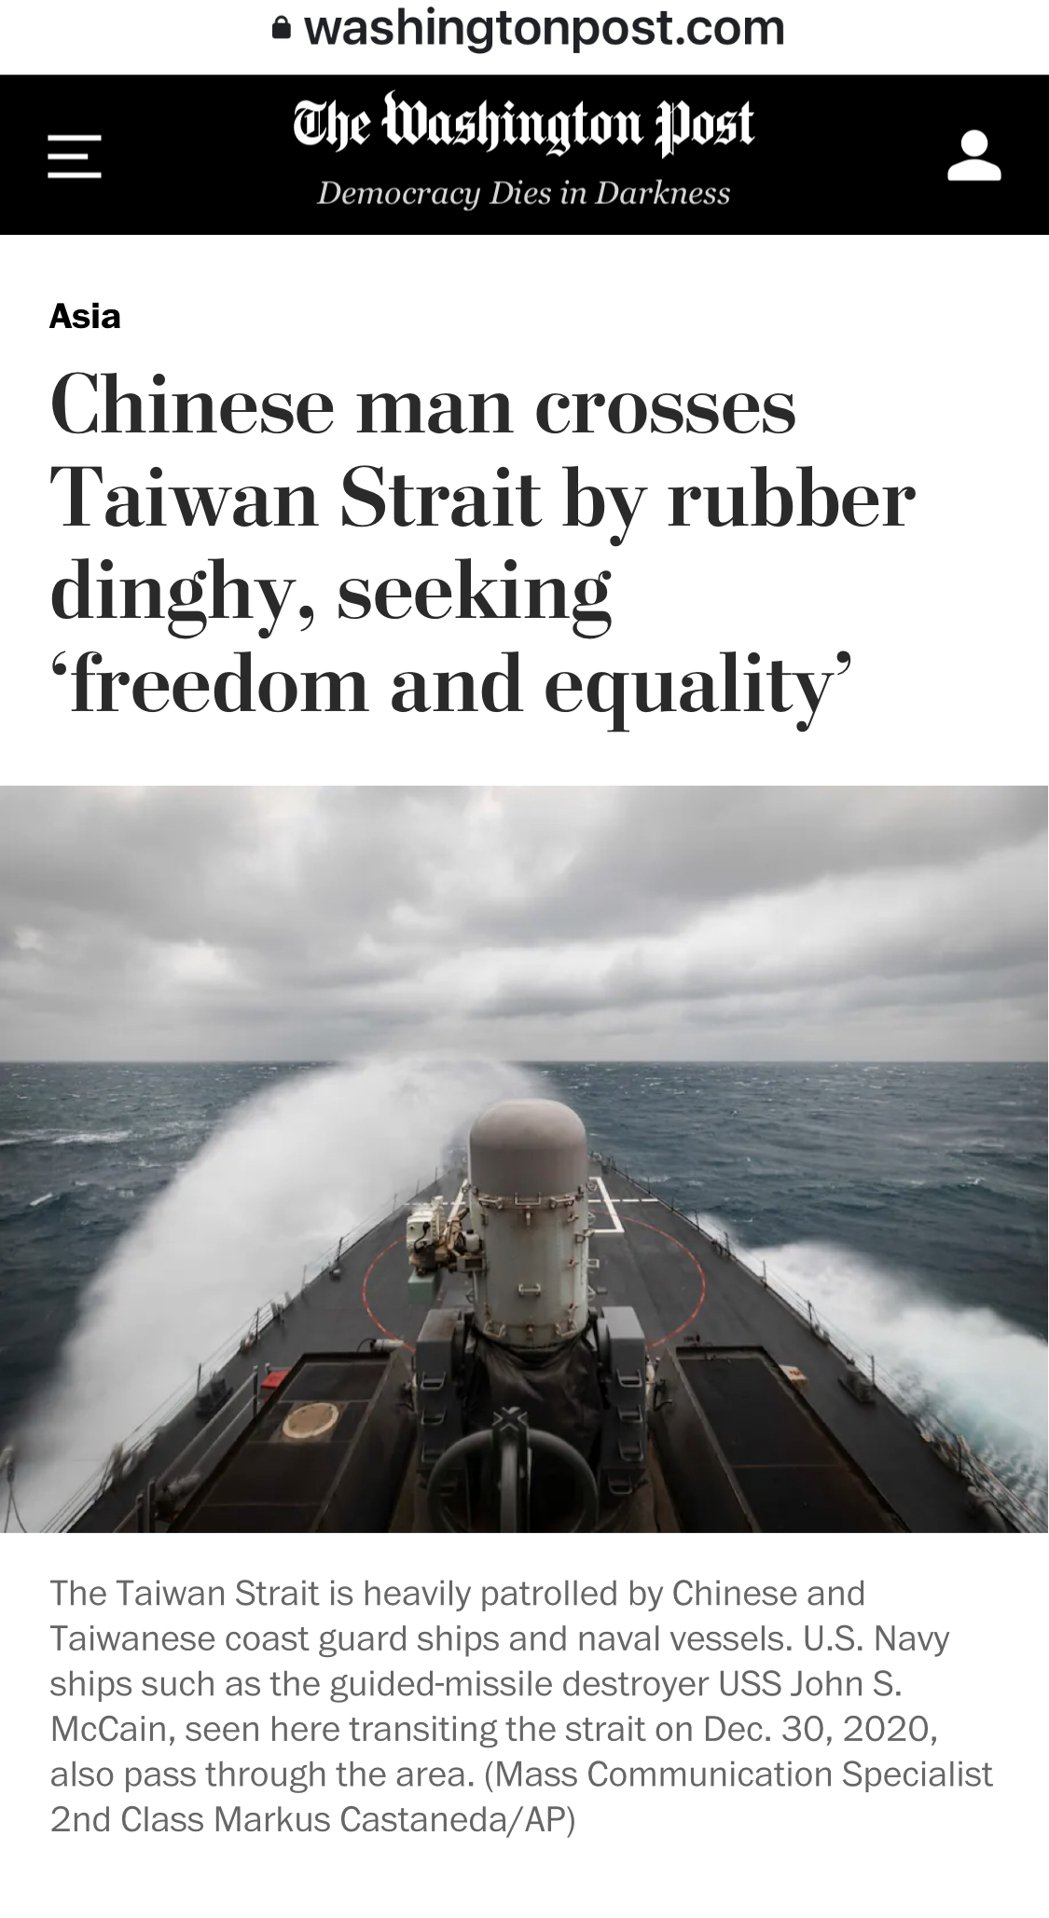 陸民駕橡皮艇來台登上美國華盛頓郵報的紙本新聞。圖為數位版。圖/翻攝華盛頓郵報網頁